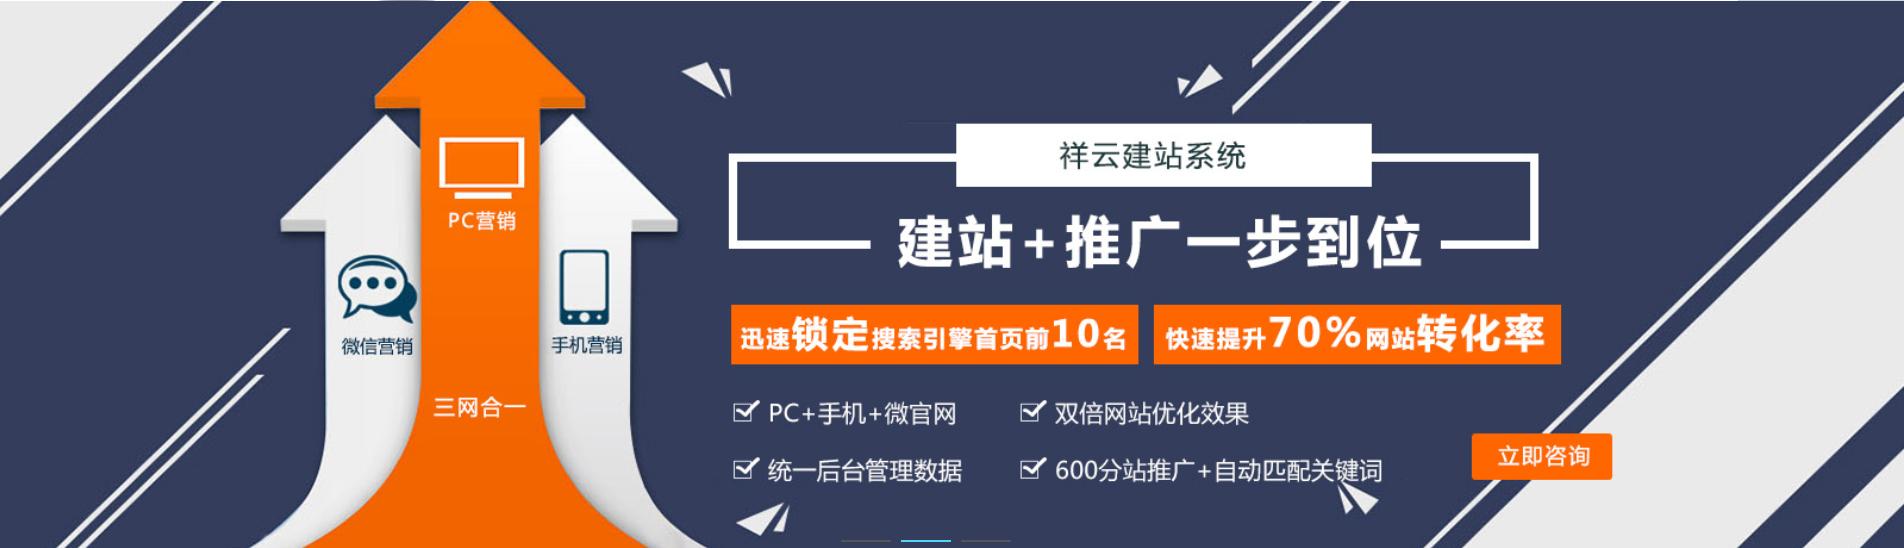 重庆网站建设推广